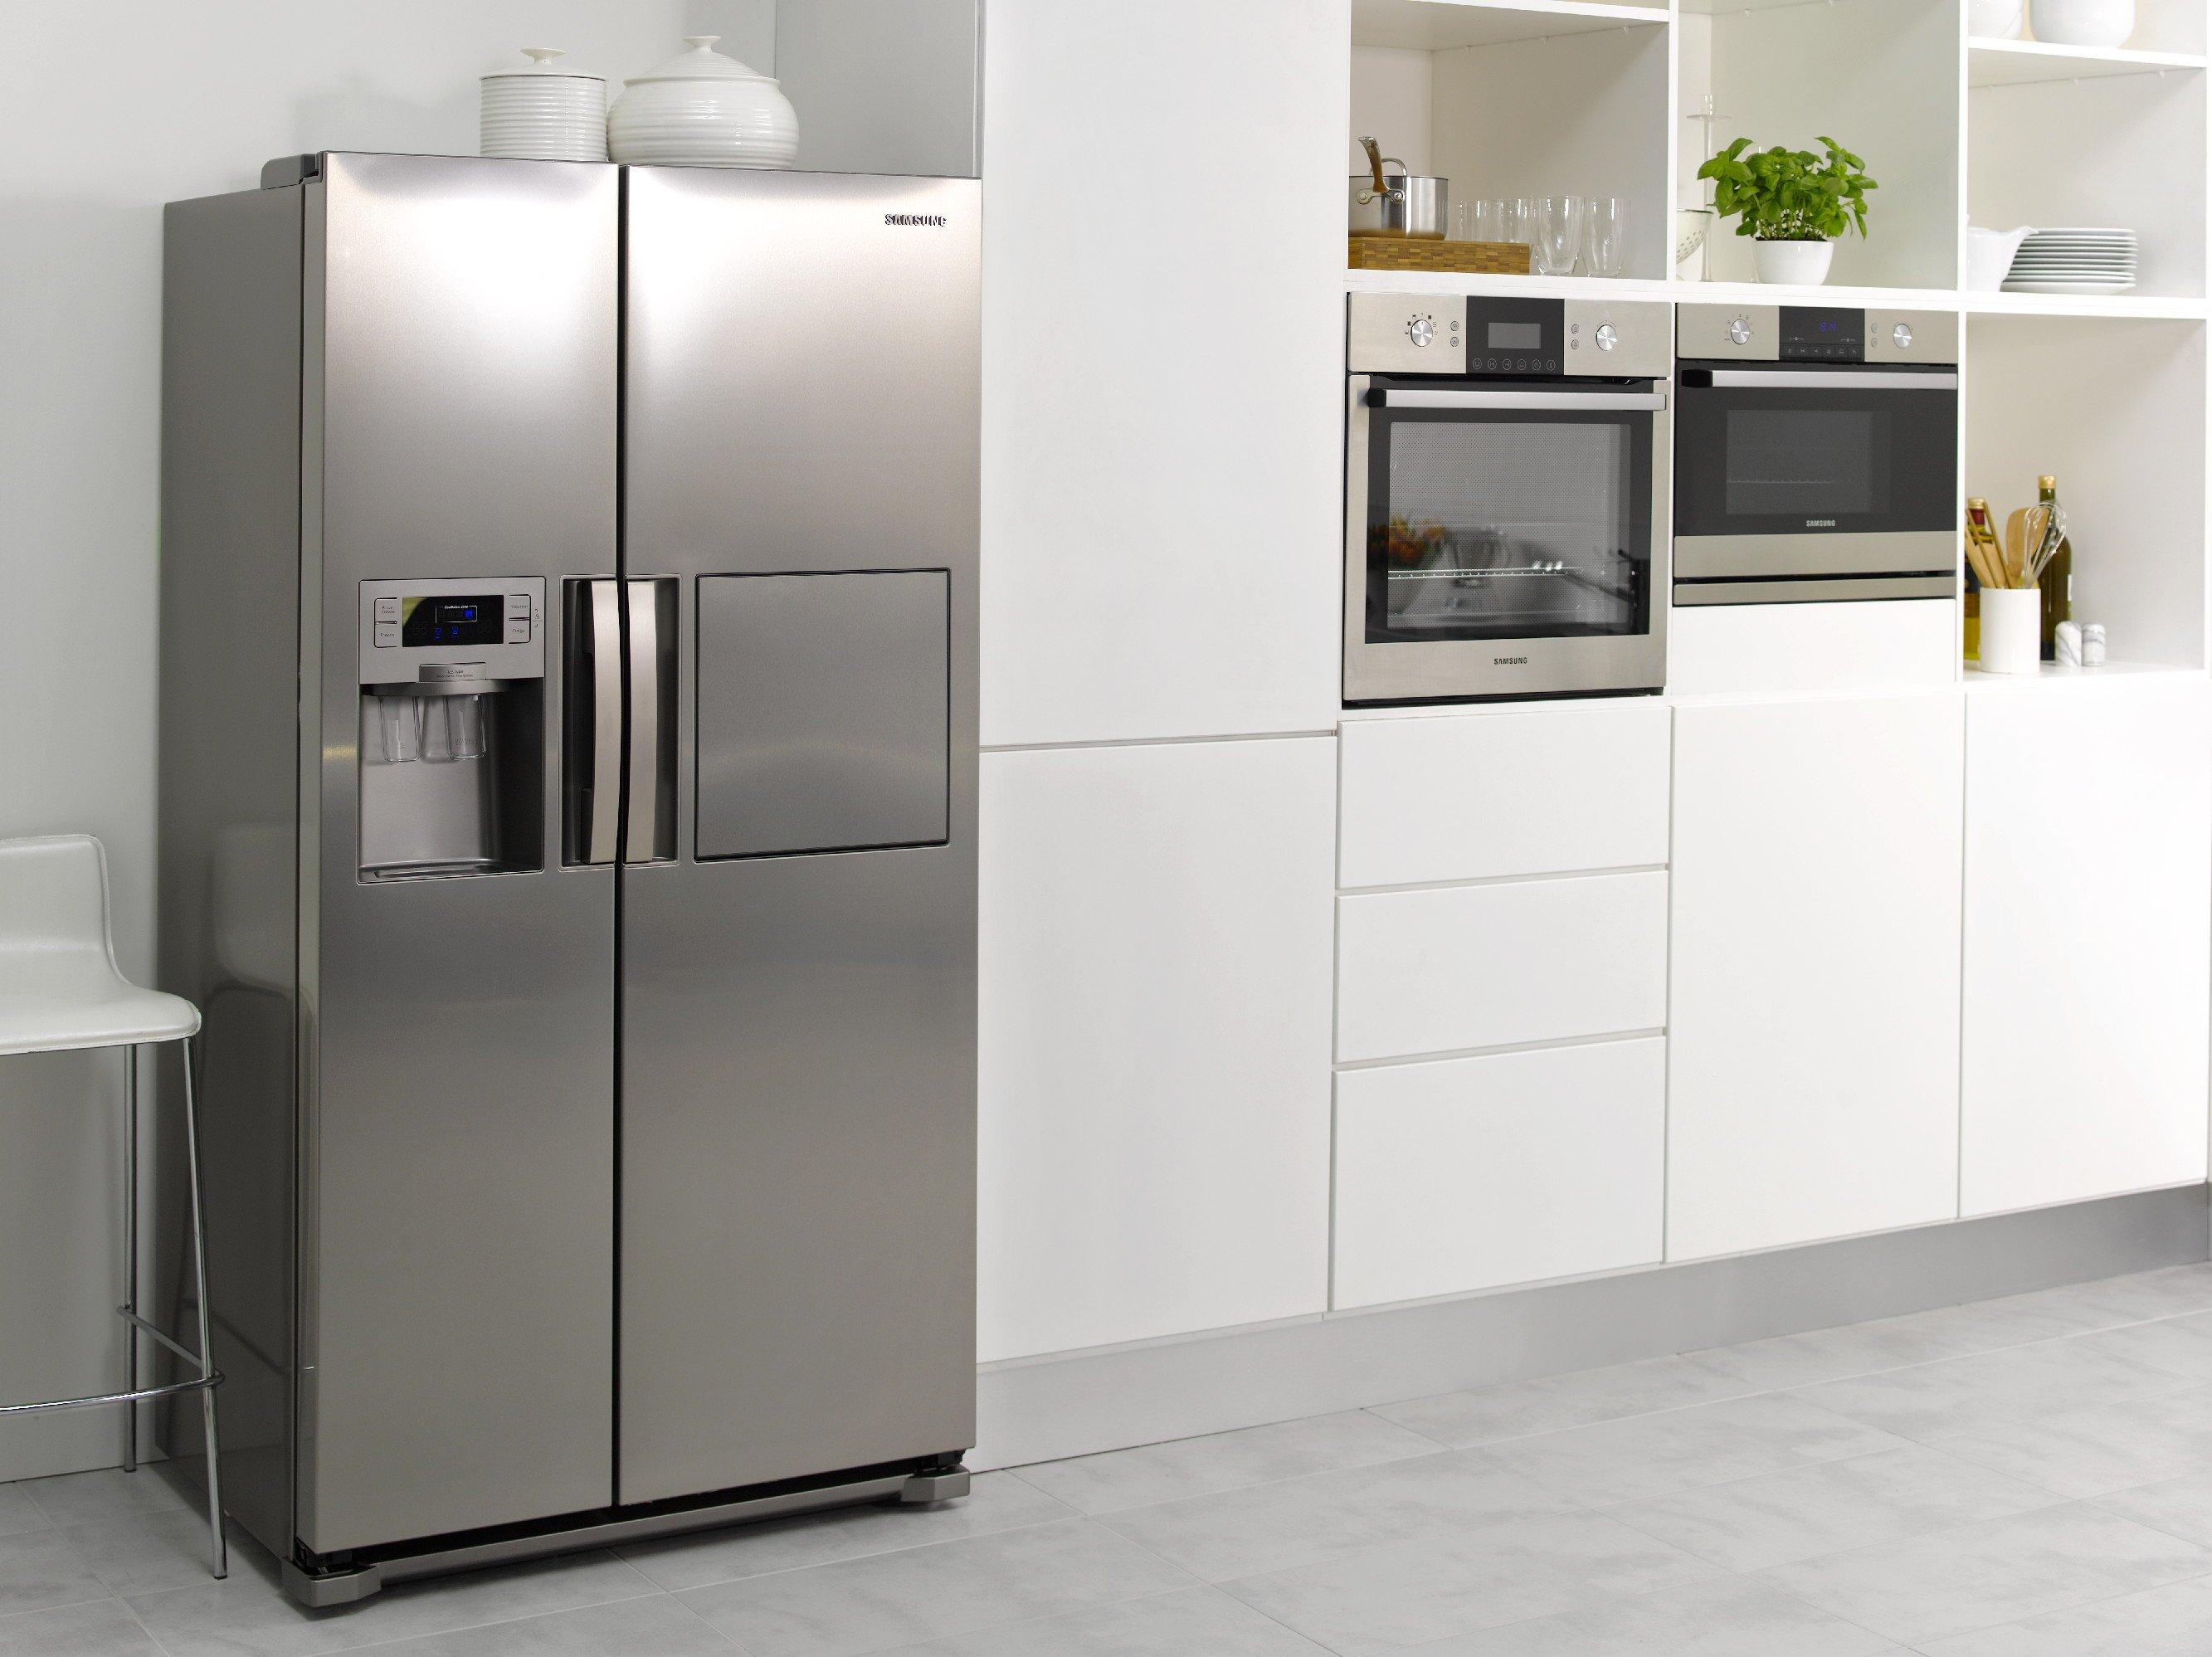 Холодильники samsung: лучшие модели, модельный ряд и технические решения